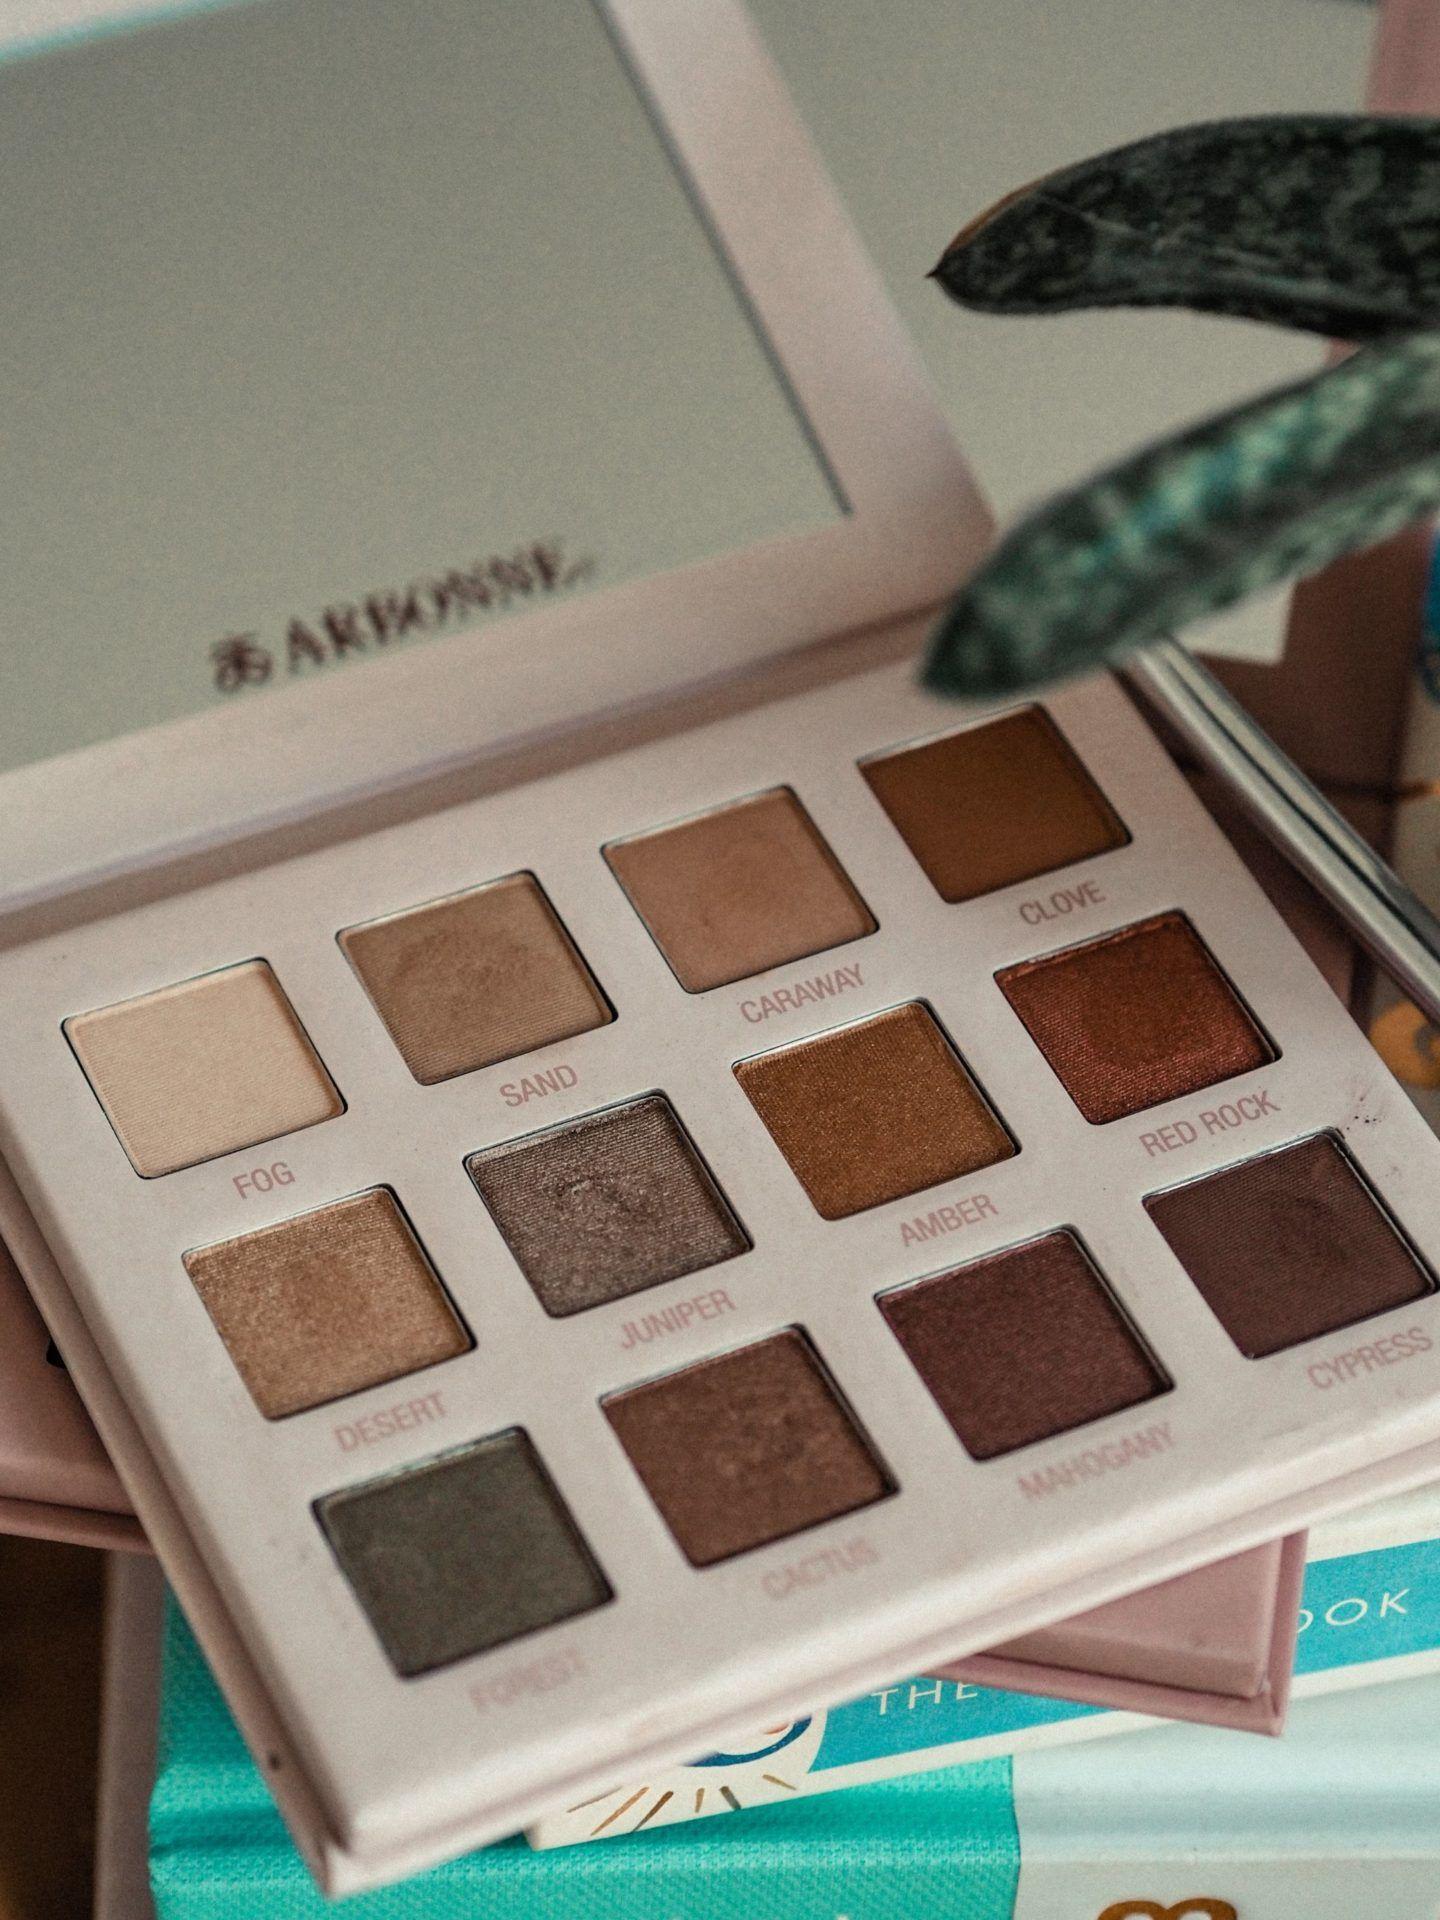 Review Arbonne makeup, Shadow palette